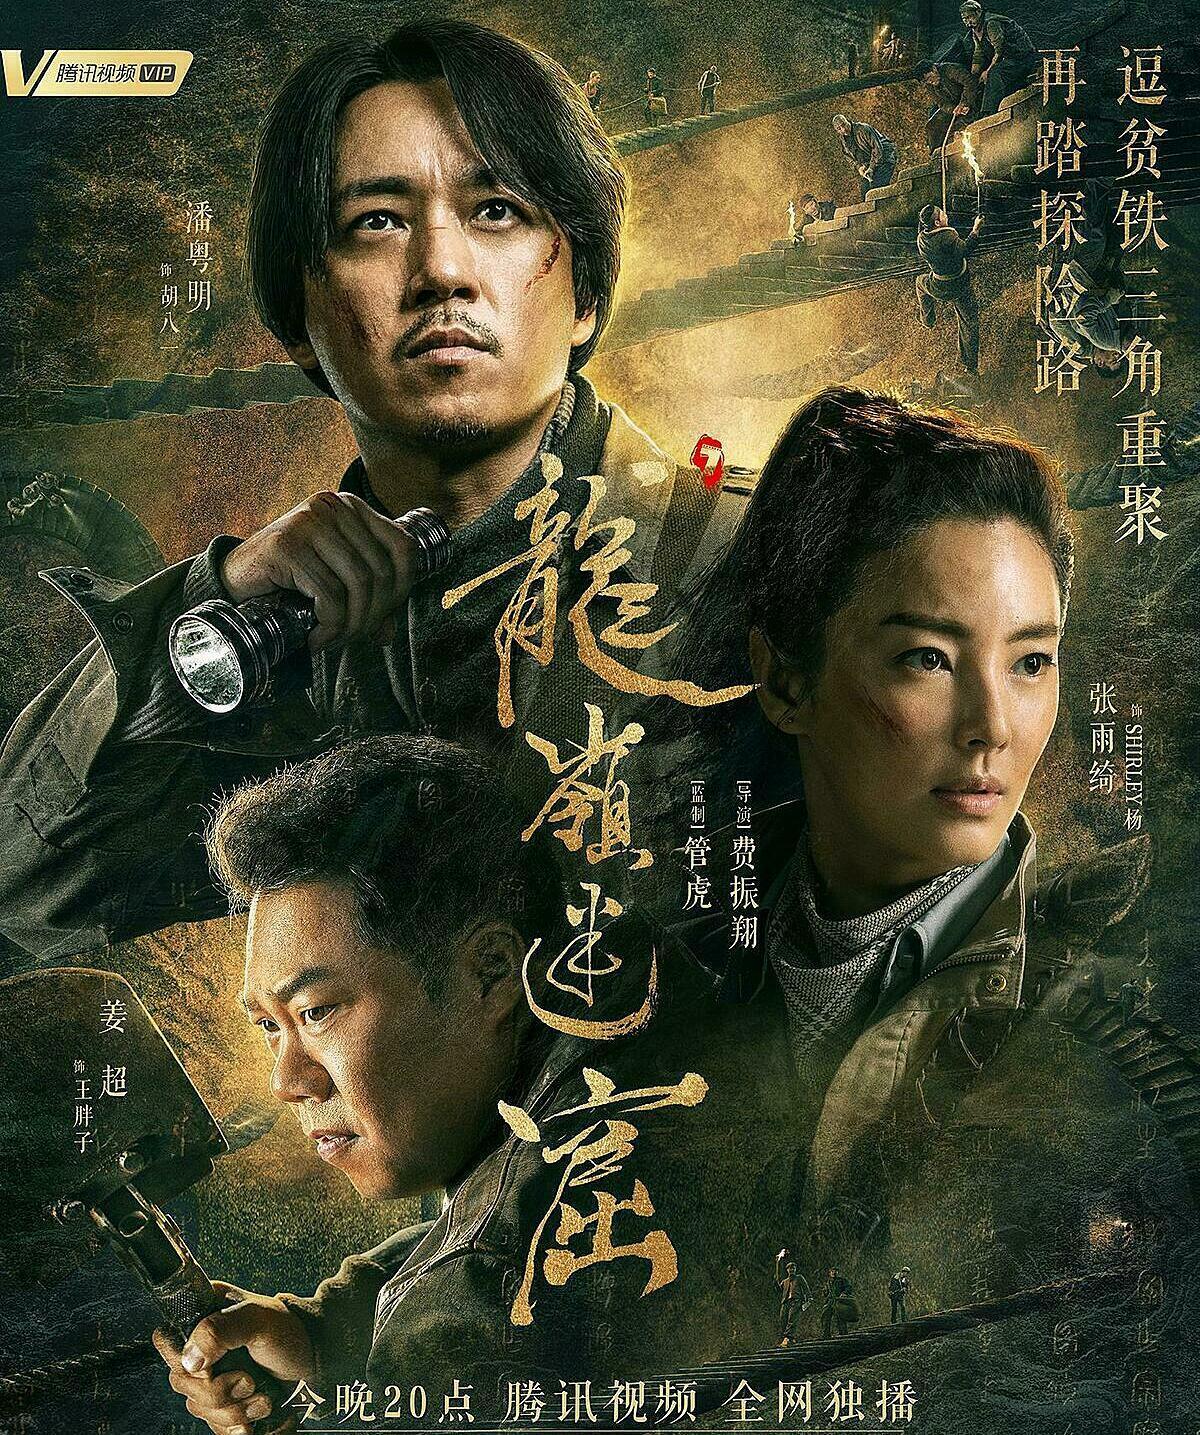 Top 5 phim truyền hình Trung Quốc có lượng view khủng long - 2